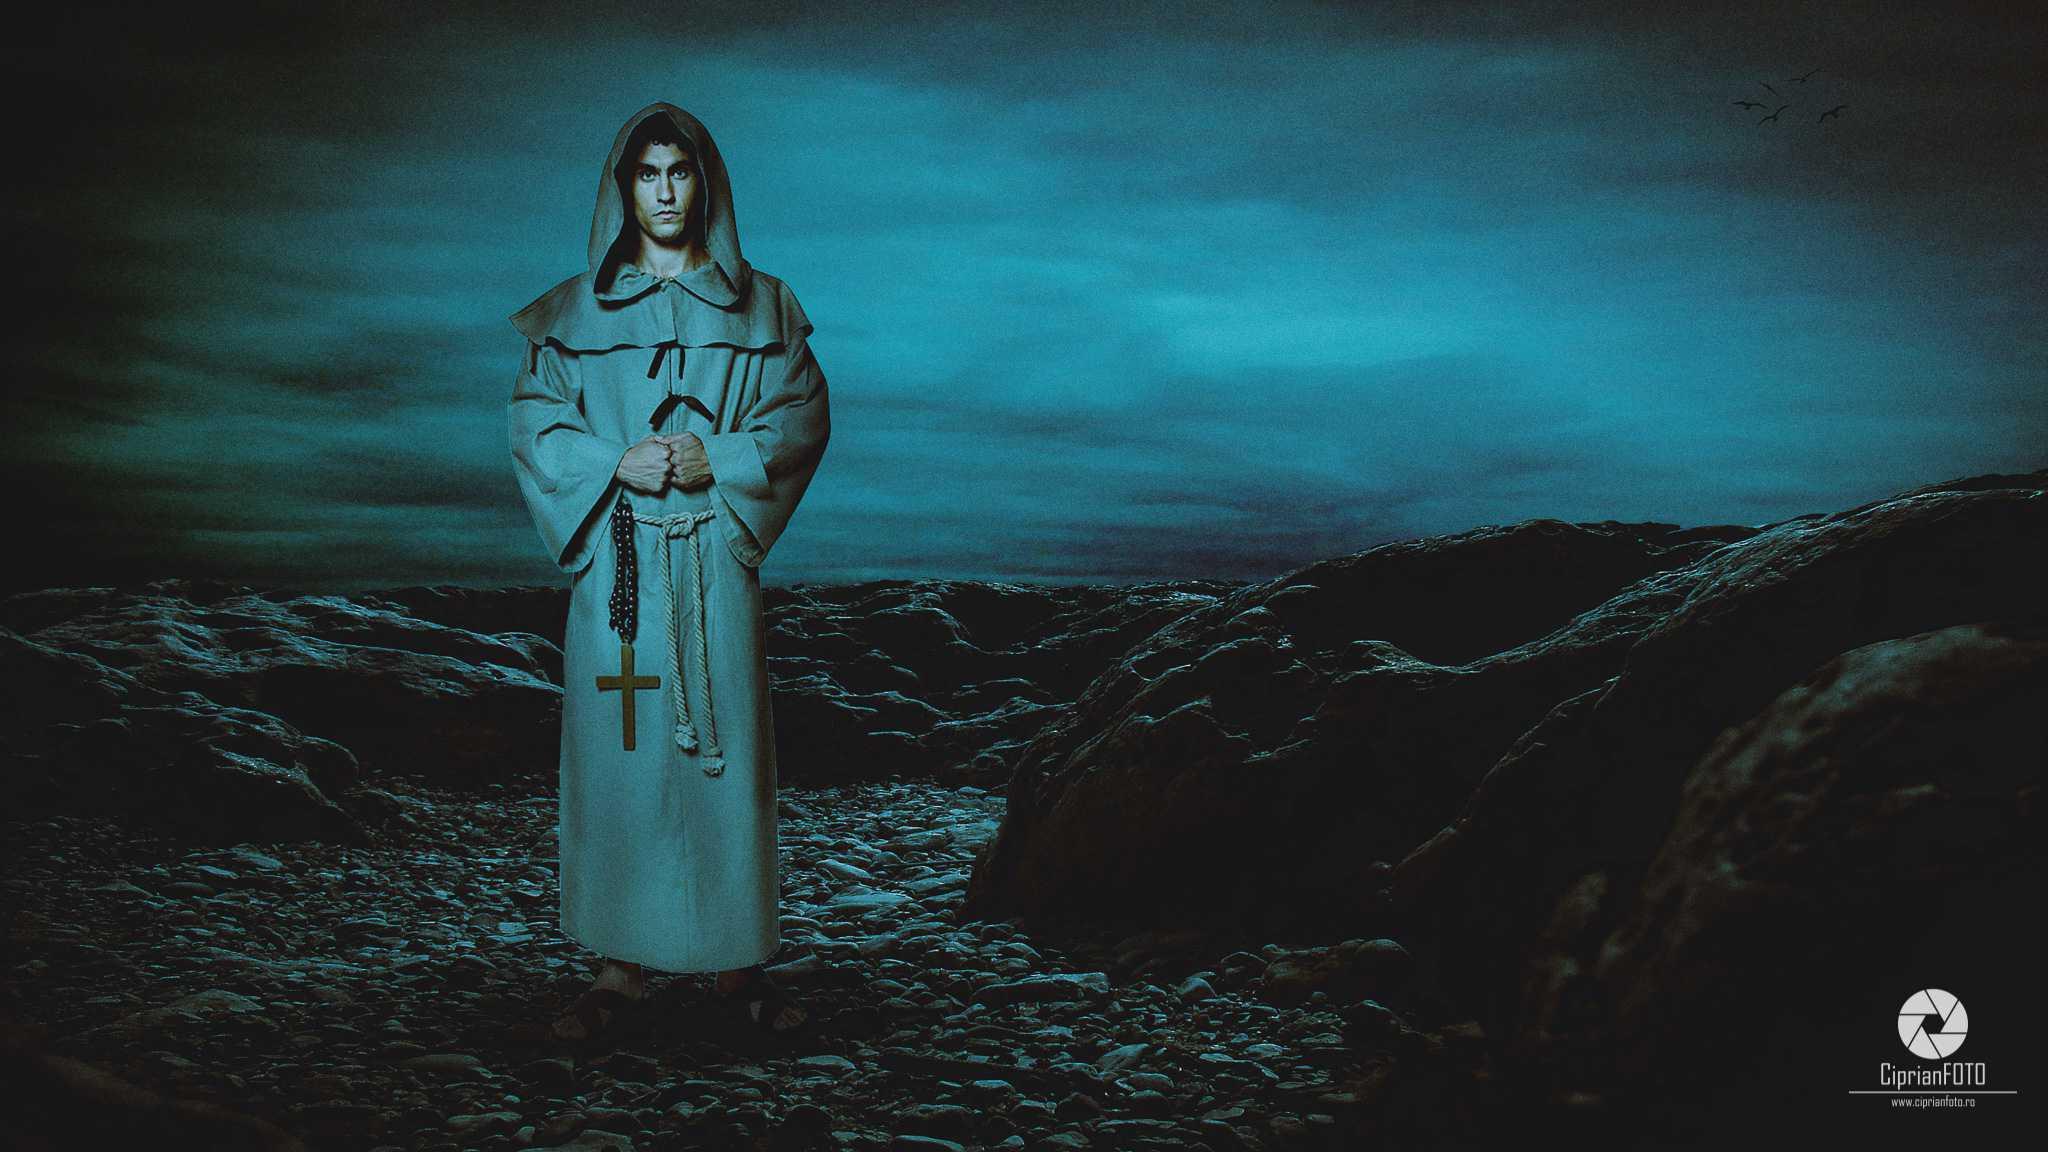 The Monk, Photoshop Manipulation Tutorial, CiprianFOTO